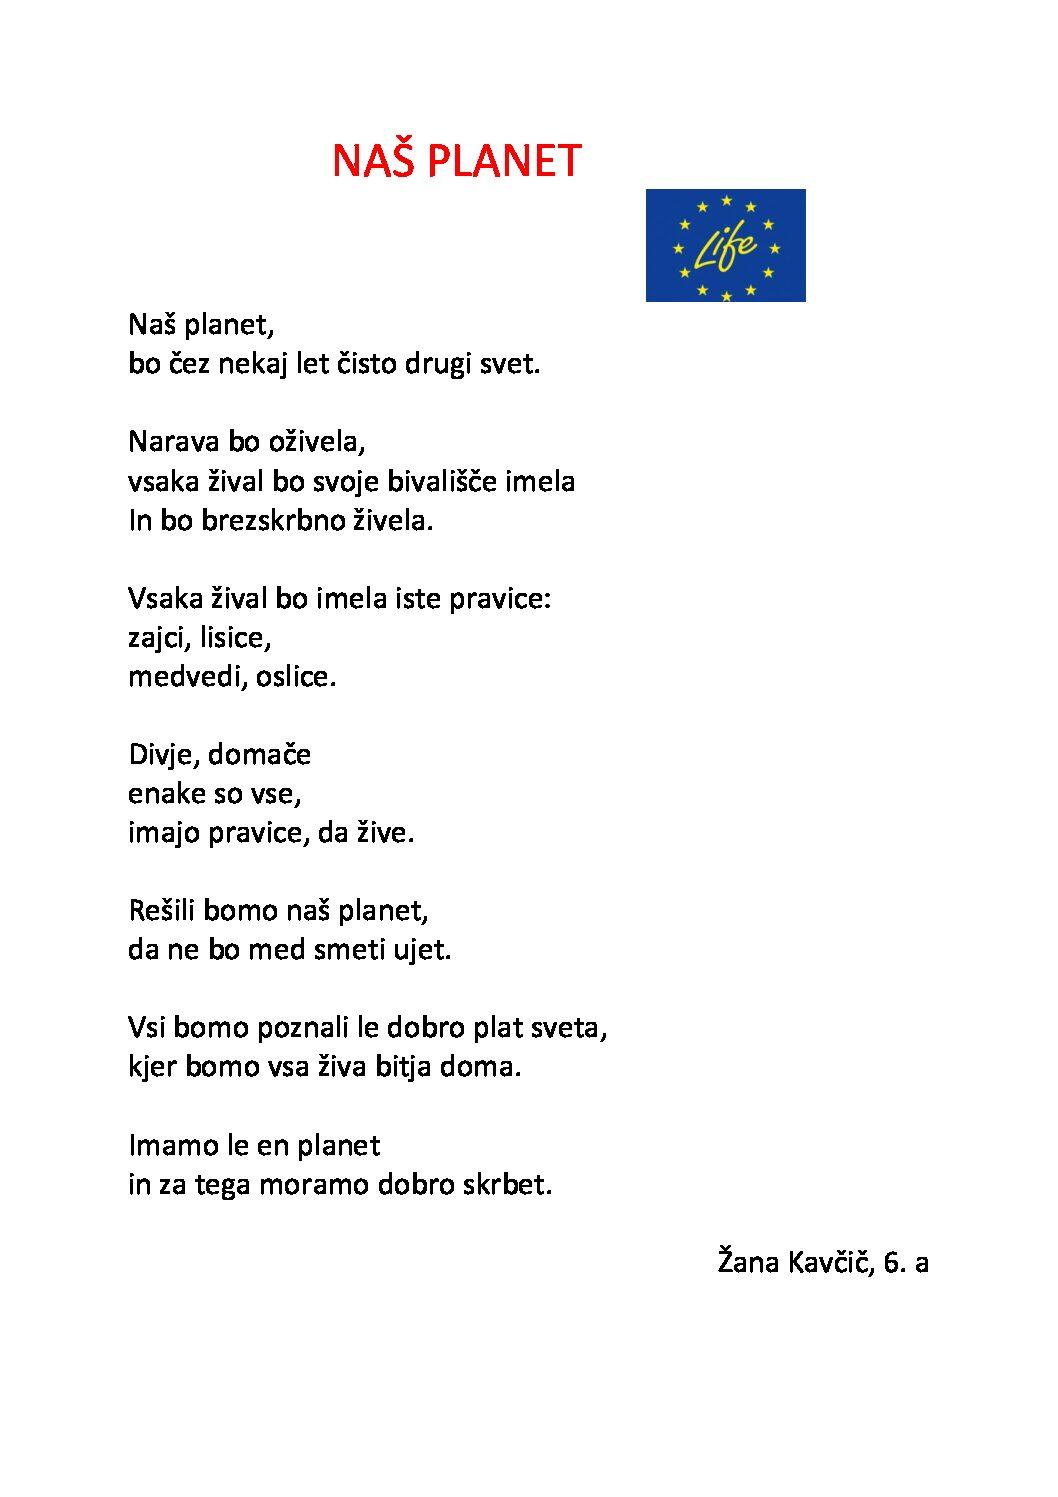 Žana Kavčič: Naš planet